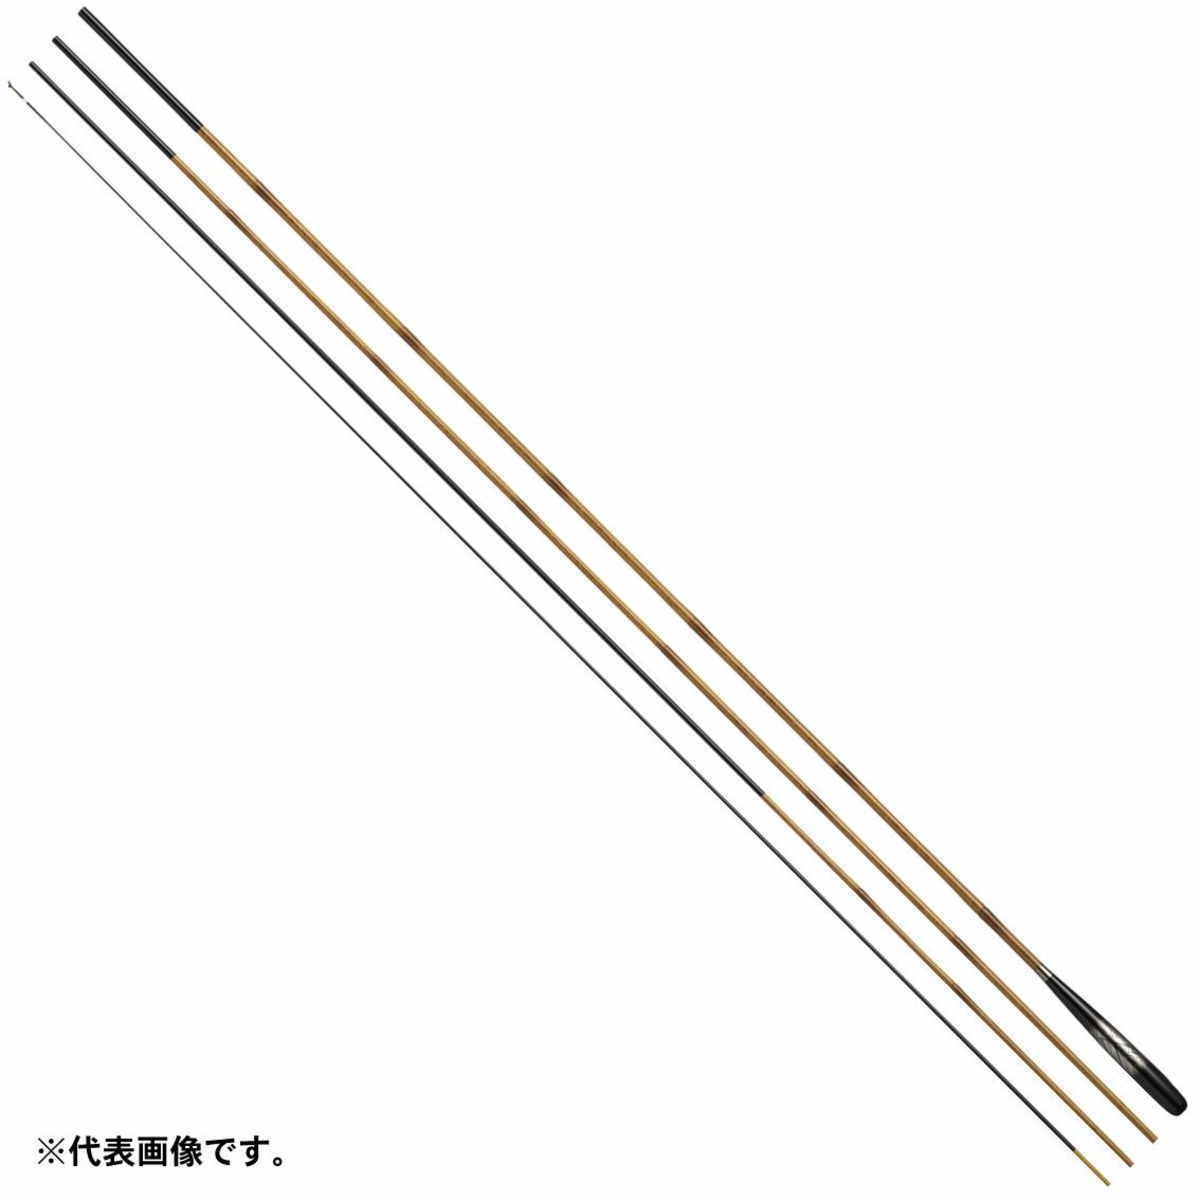 【送料無料5】ダイワ ロッド 玄むく 15・Y